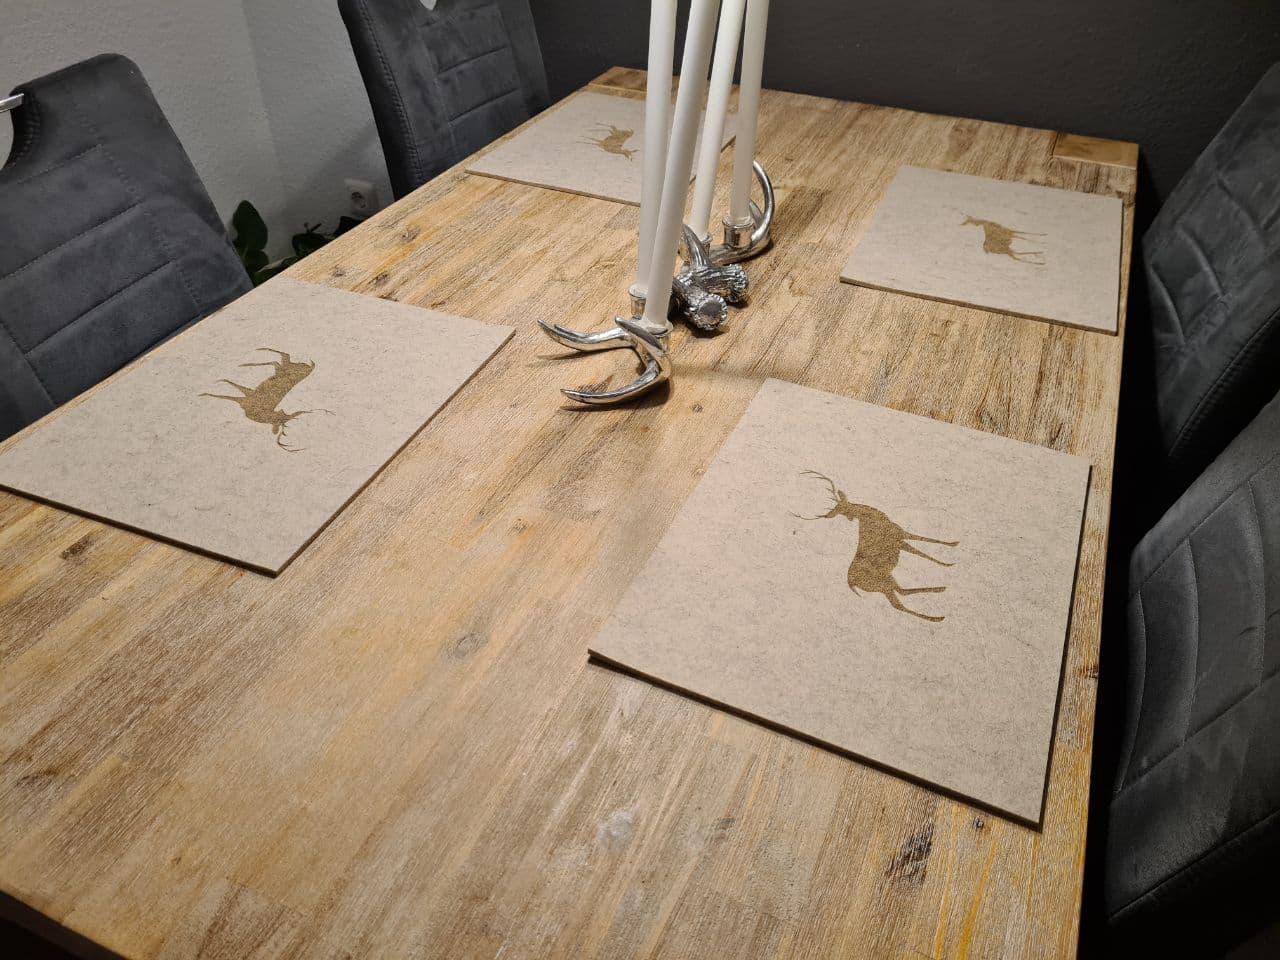 Cremefarbener Filz-Untersetzter mit Hirschaufdruck auf Holztisch - Handgemachte individualisierbare Taschen, Körbe, Tischsets, Dekoartikel und mehr auf fideko.de der Onlineshop seit 2011